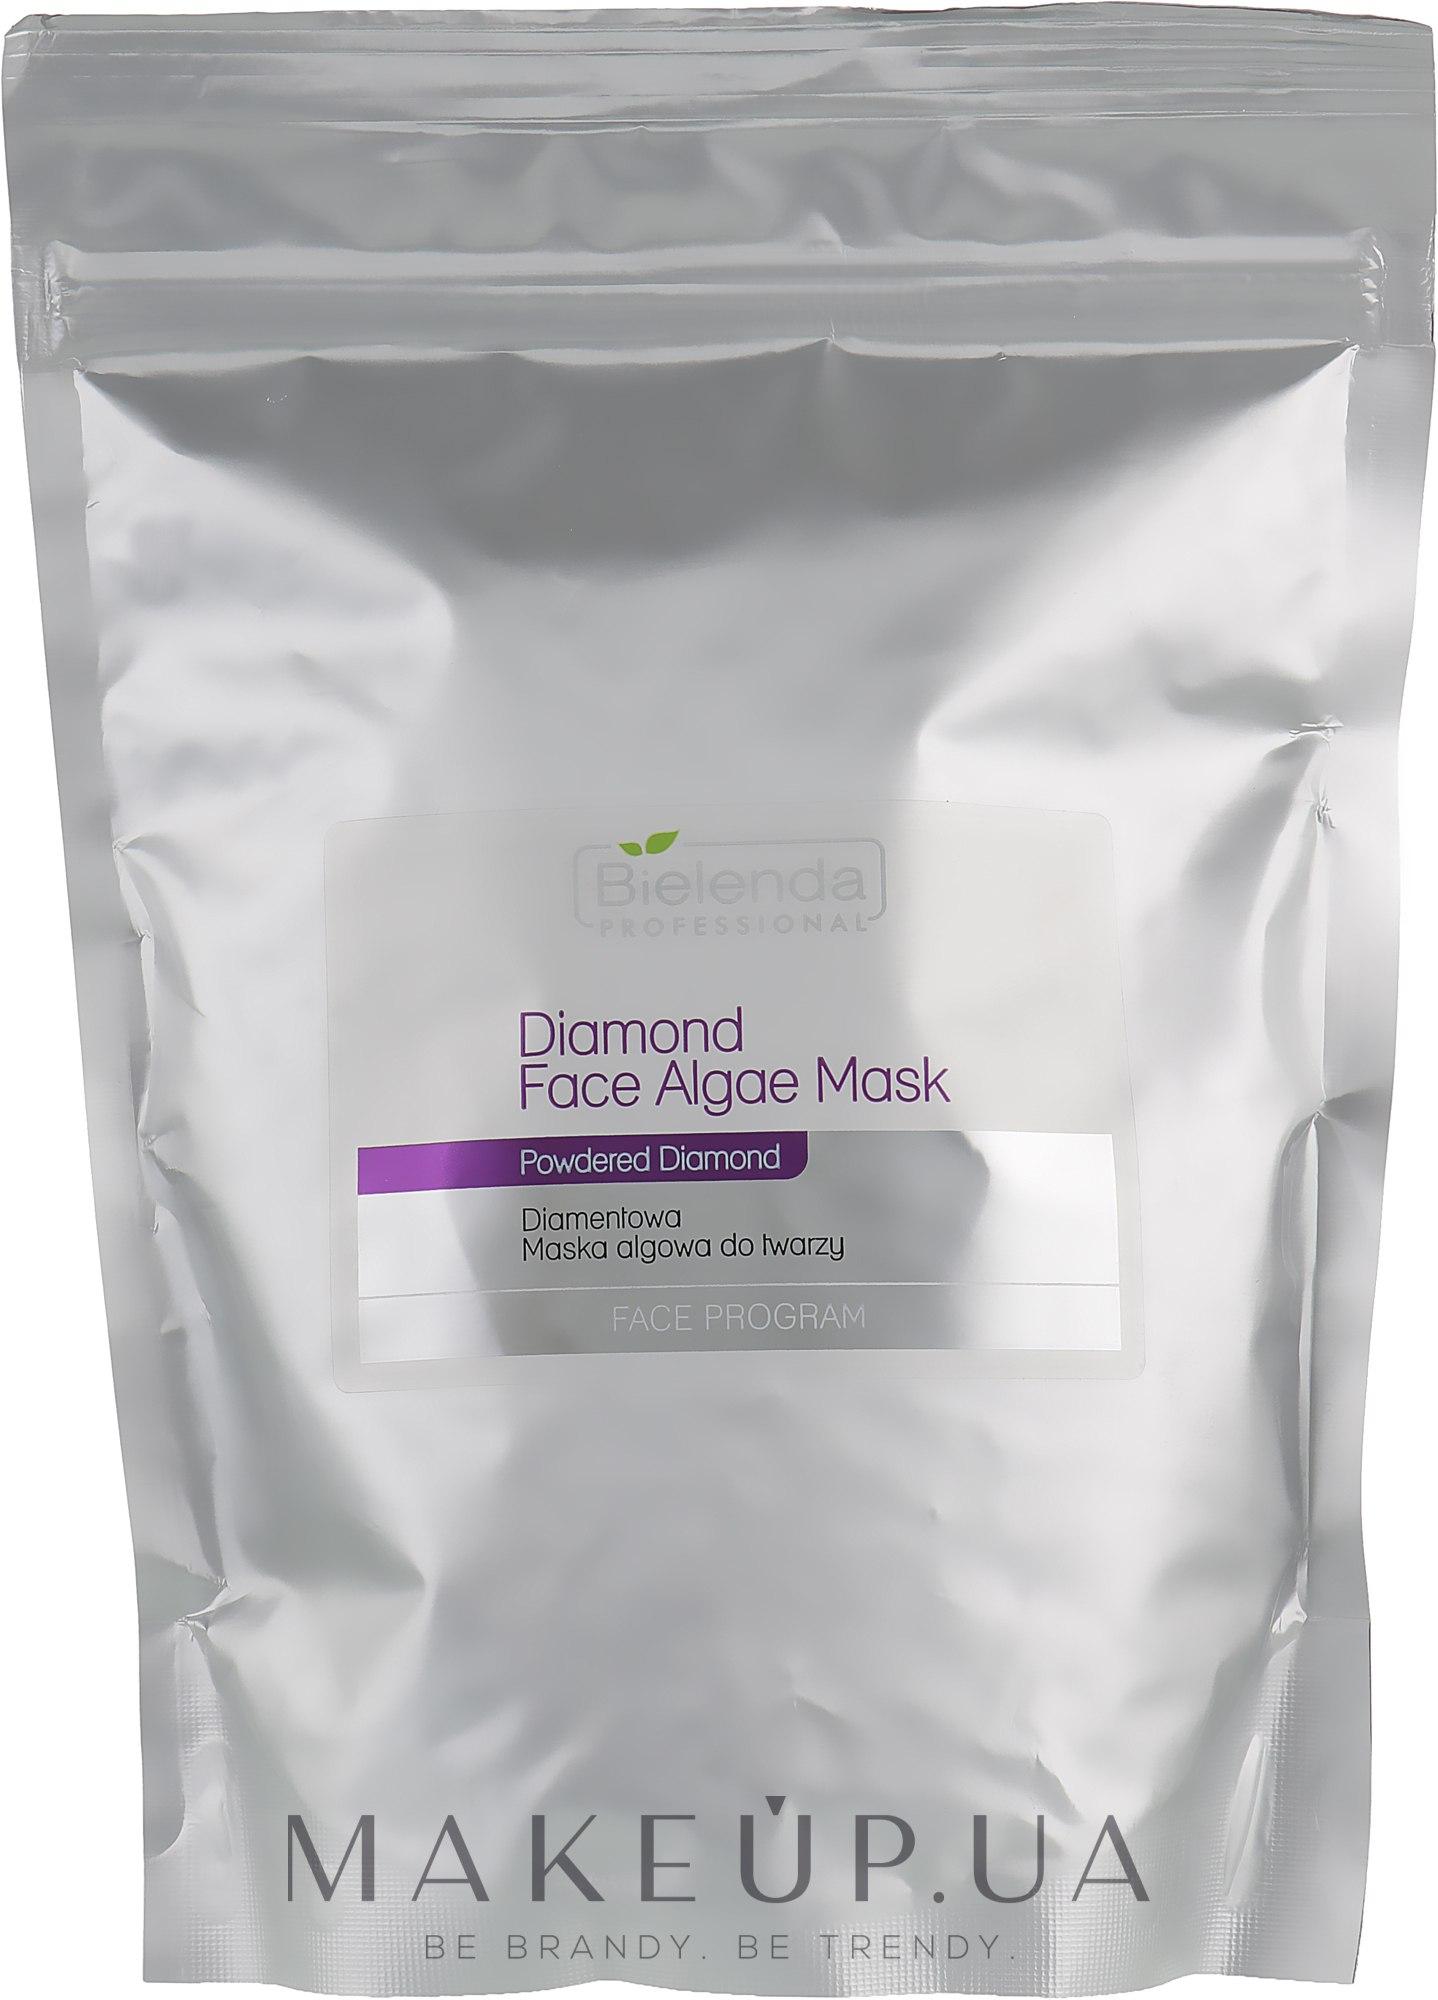 Бриллиантовая альгинатная маска для лица - Bielenda Professional Diamond Face Algae Mask (запасной блок) — фото 190g